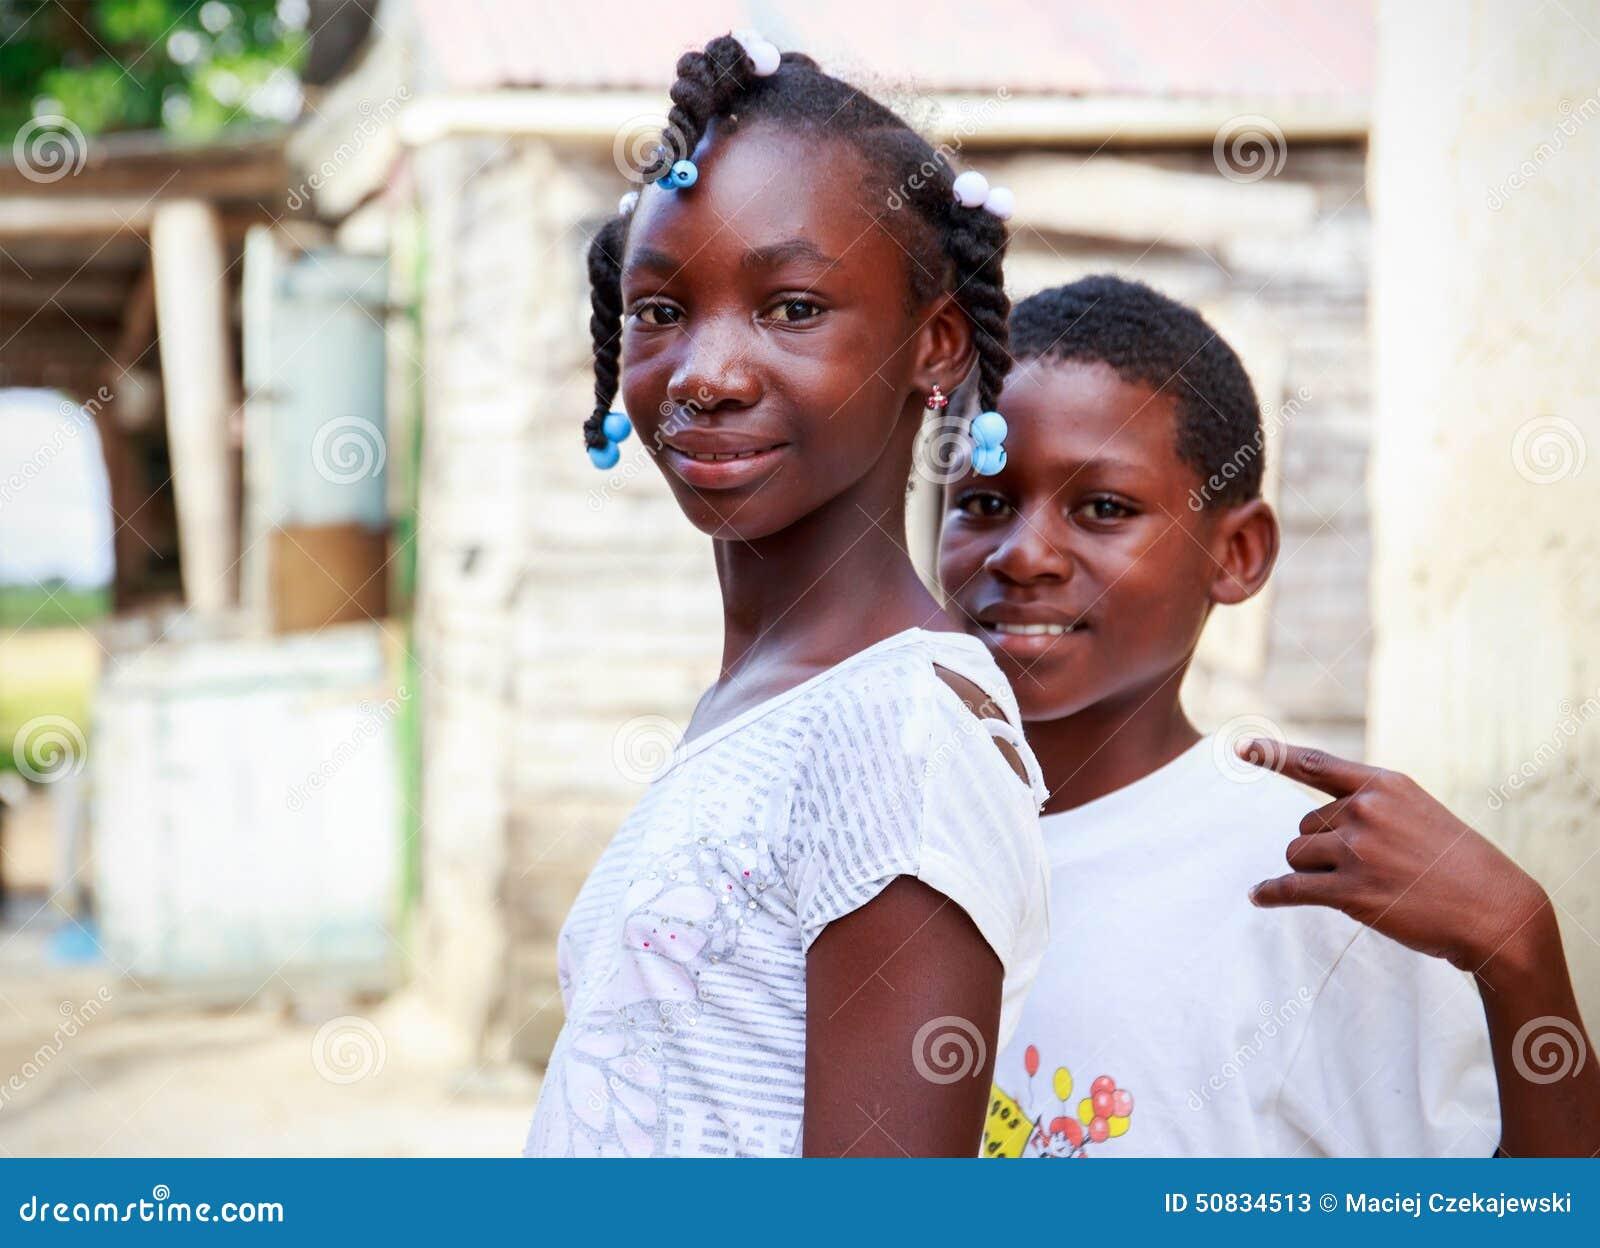 Haitańscy dzieci w obozie uchodźców